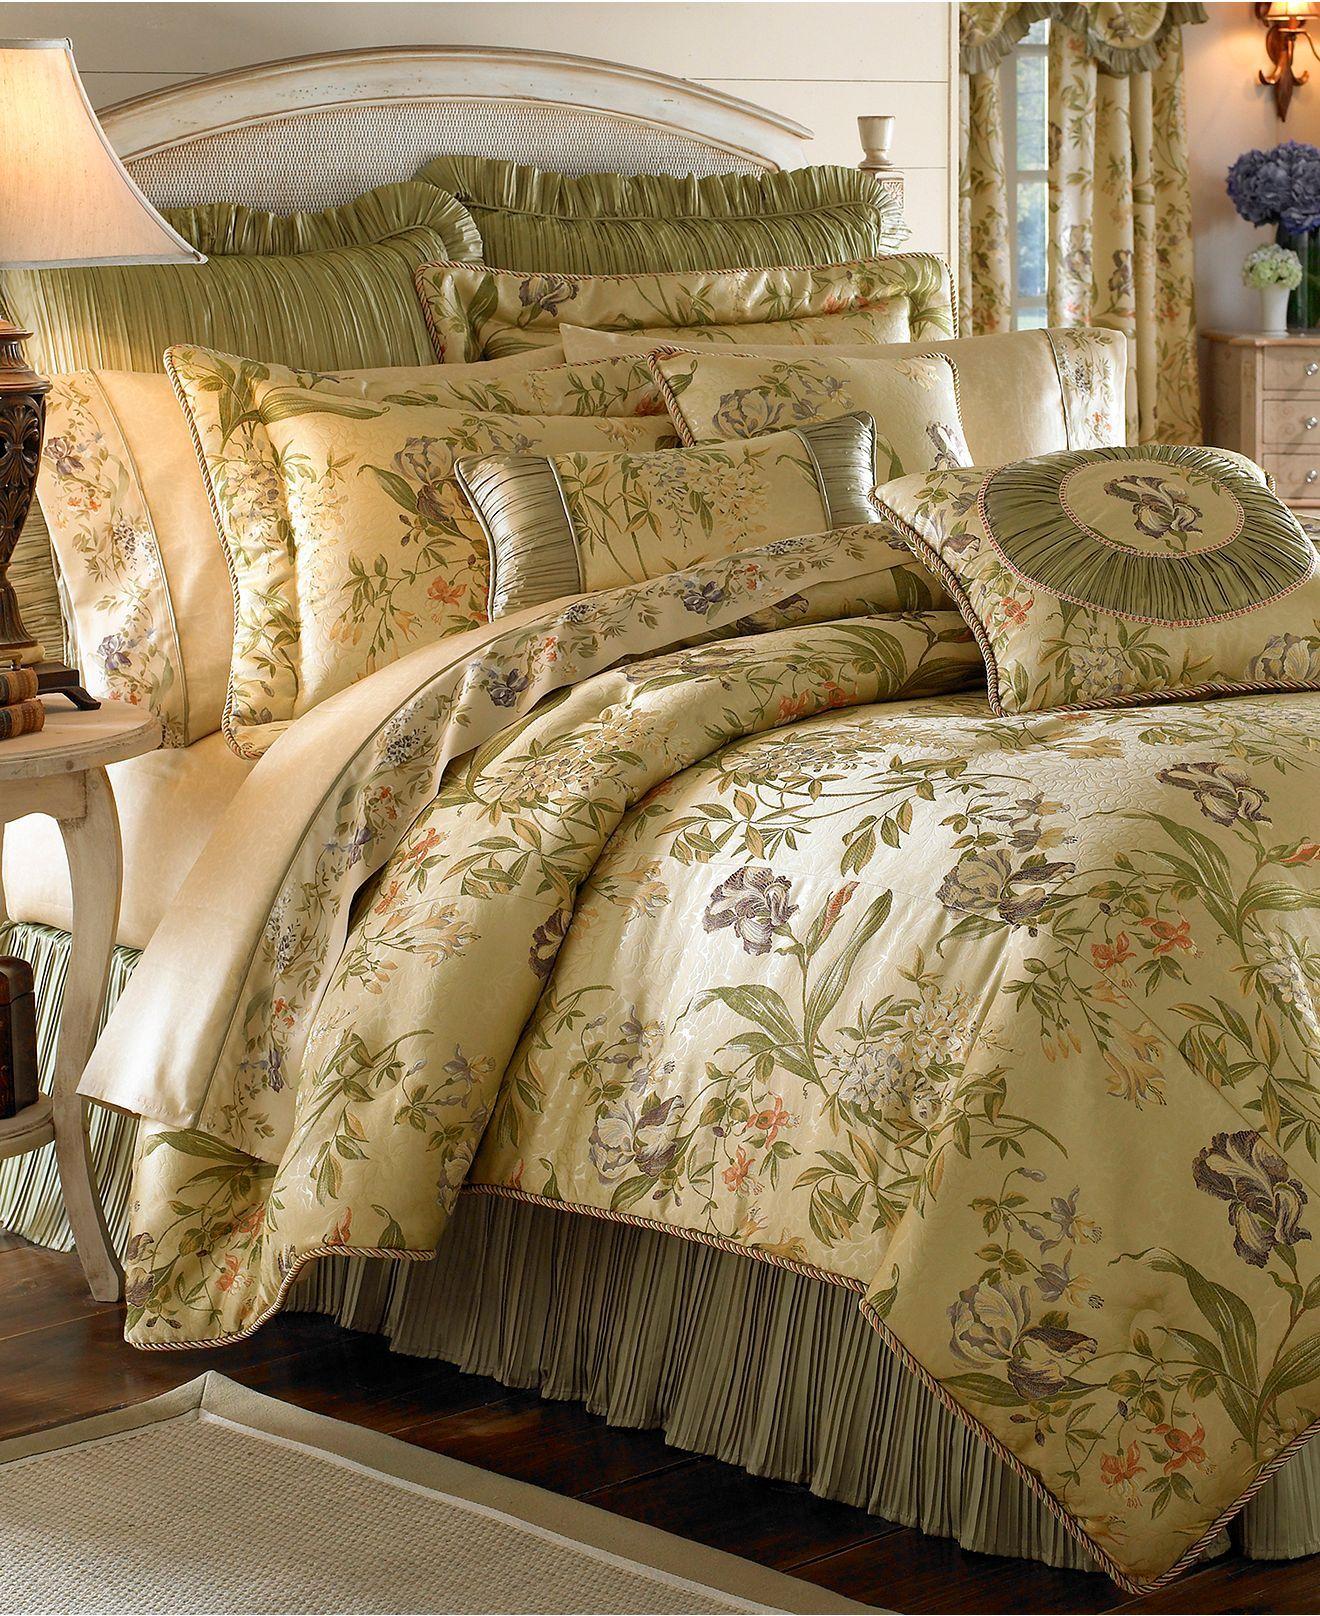 Croscill Iris Comforter Sets Bedding Collections Bed Bath Macy S Comforter Sets Croscill Bedding Queen Comforter Sets